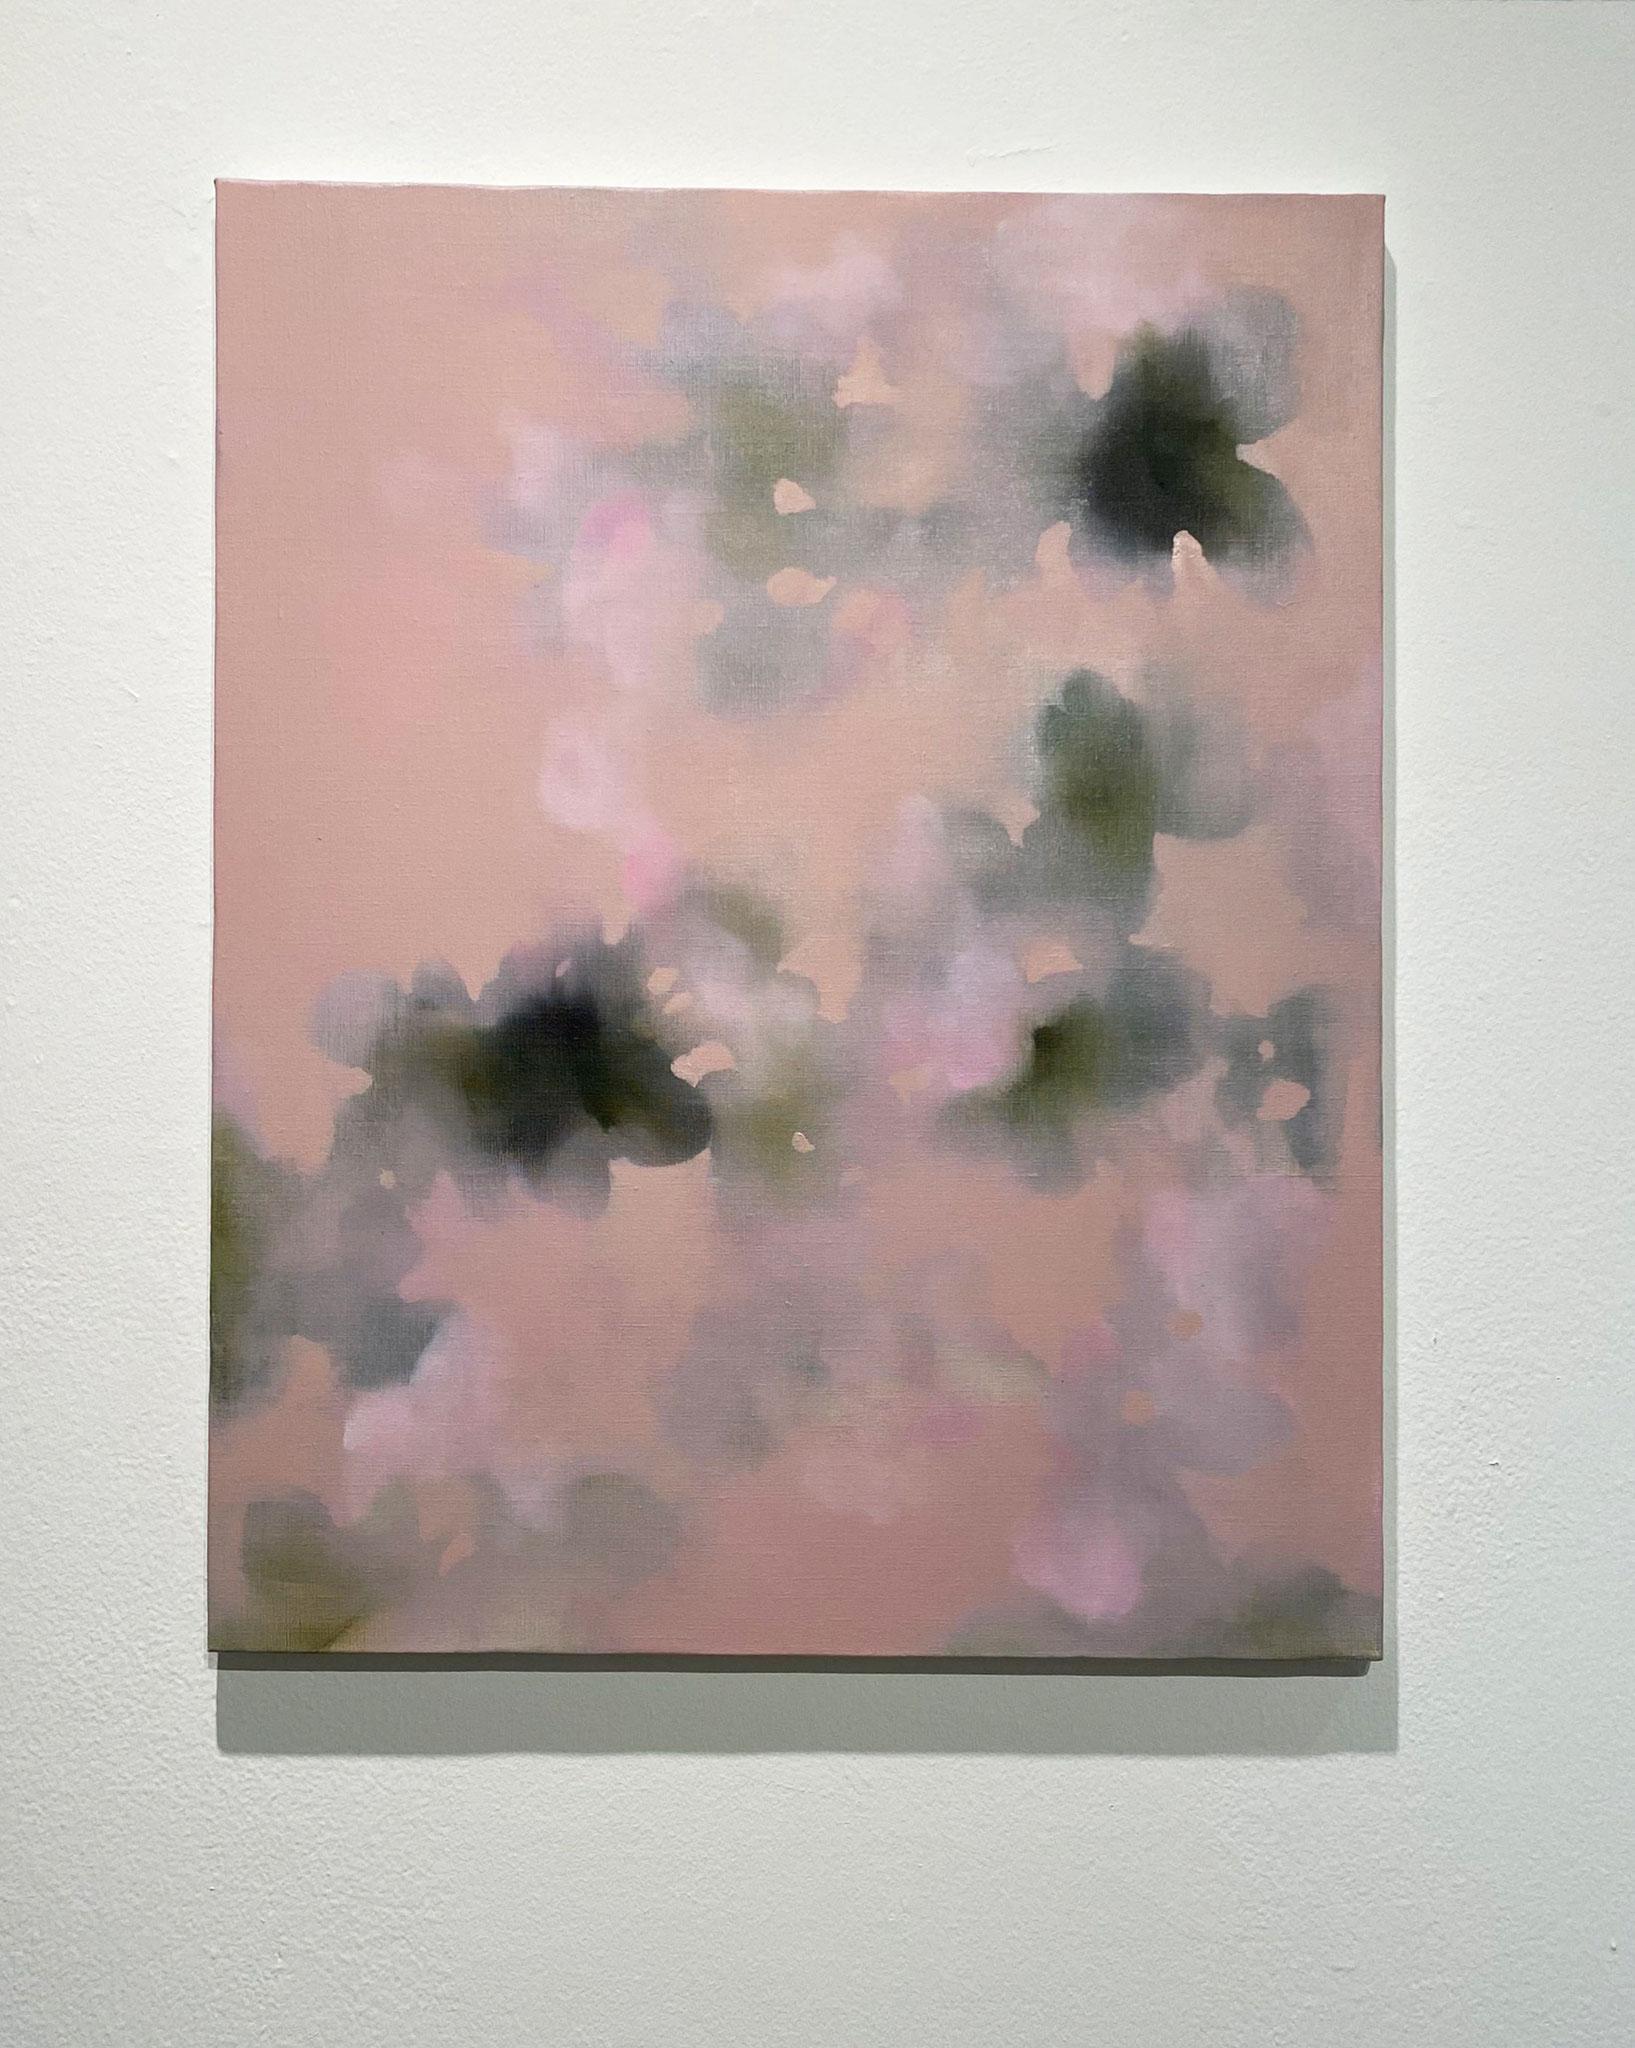 めをうつる,652×530,キャンバス、油彩,2020